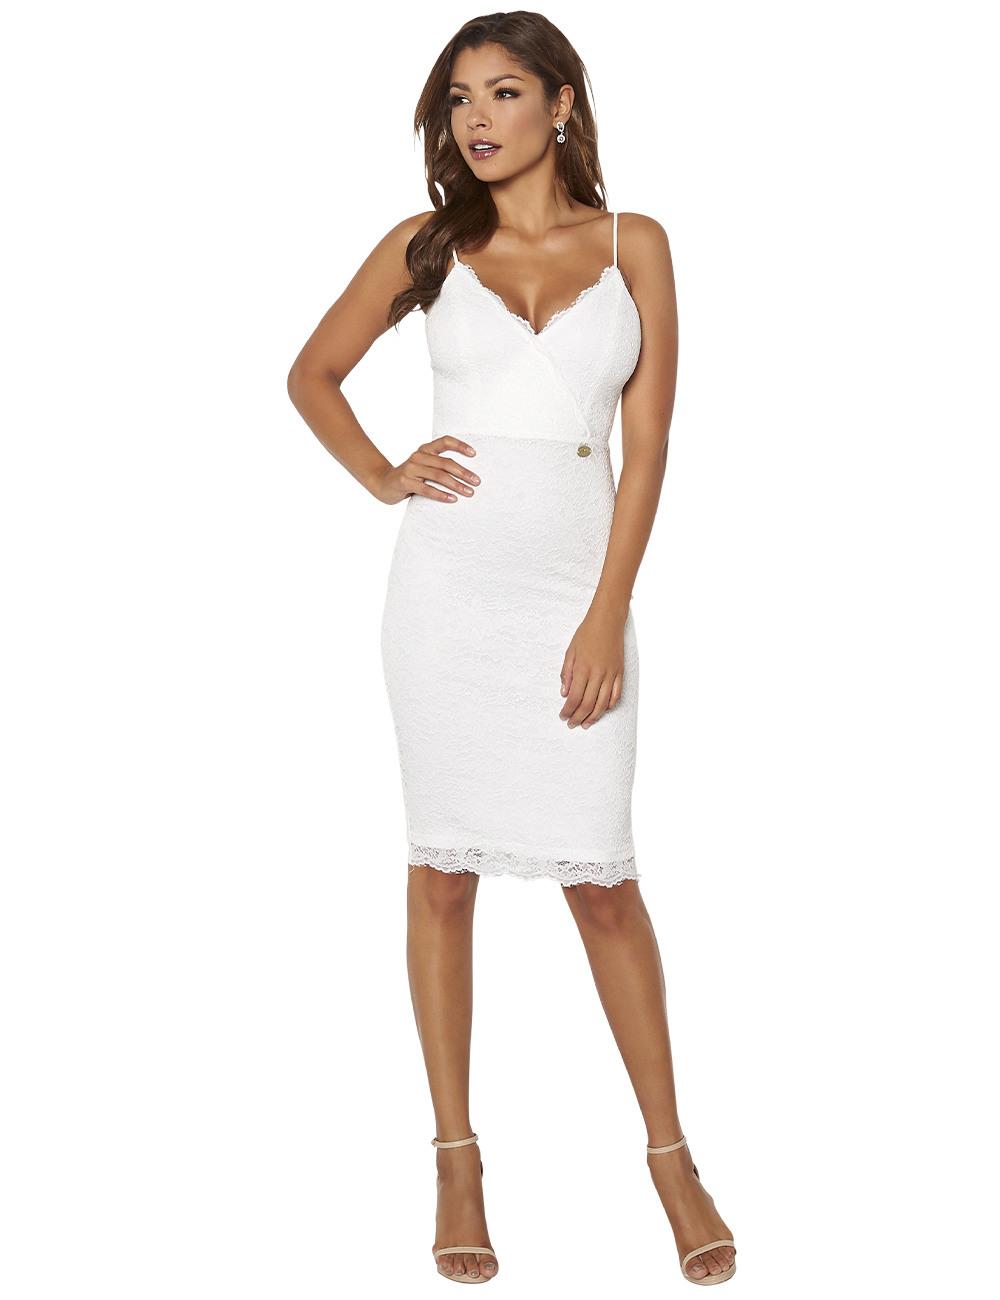 20 Einzigartig Abendkleid Weiß Spitze BoutiqueFormal Luxus Abendkleid Weiß Spitze Vertrieb